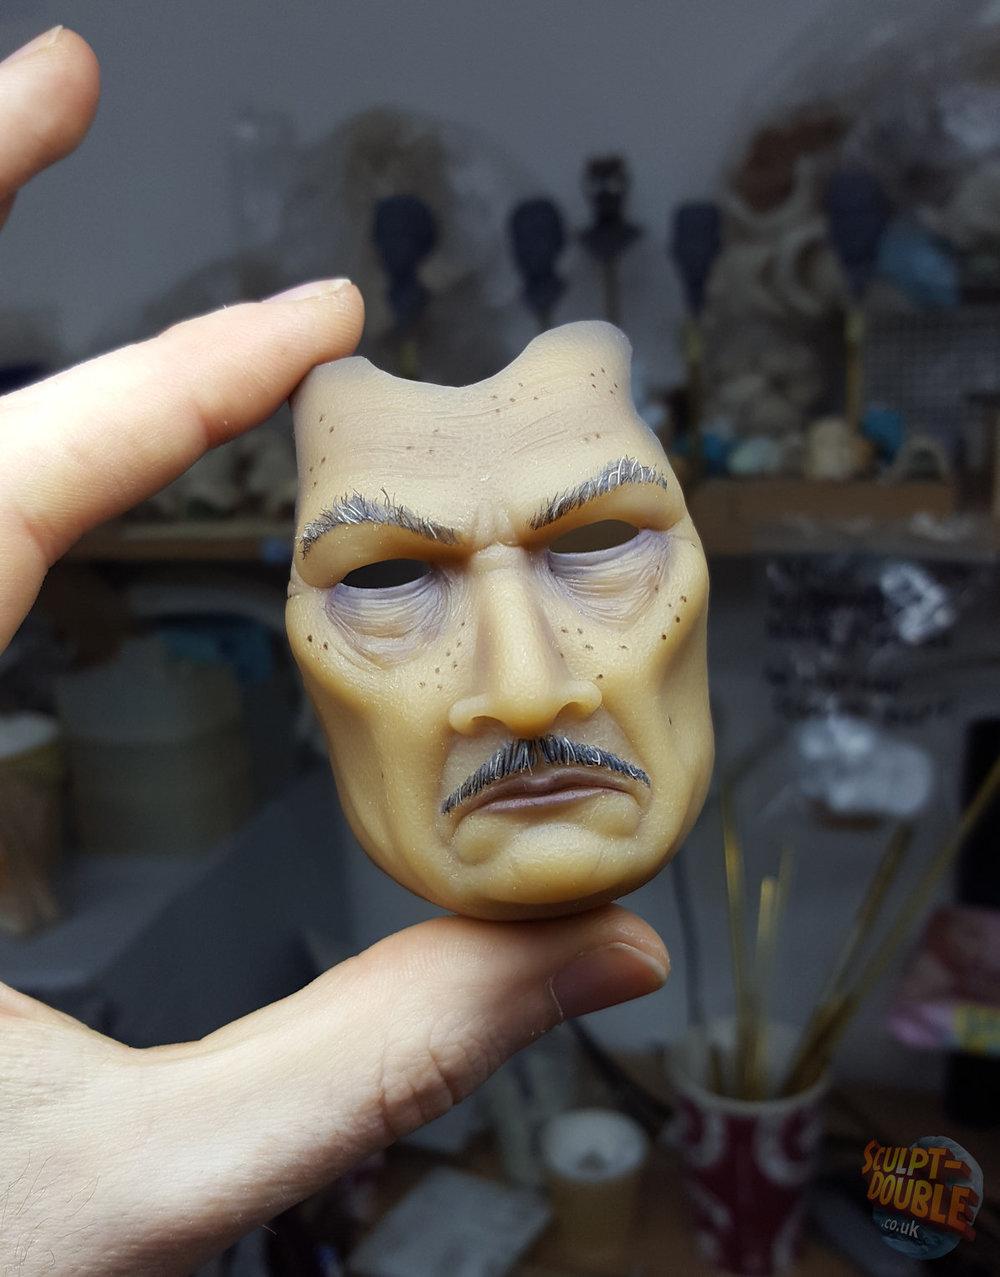 Mayor Kobayashi - Replacement Face